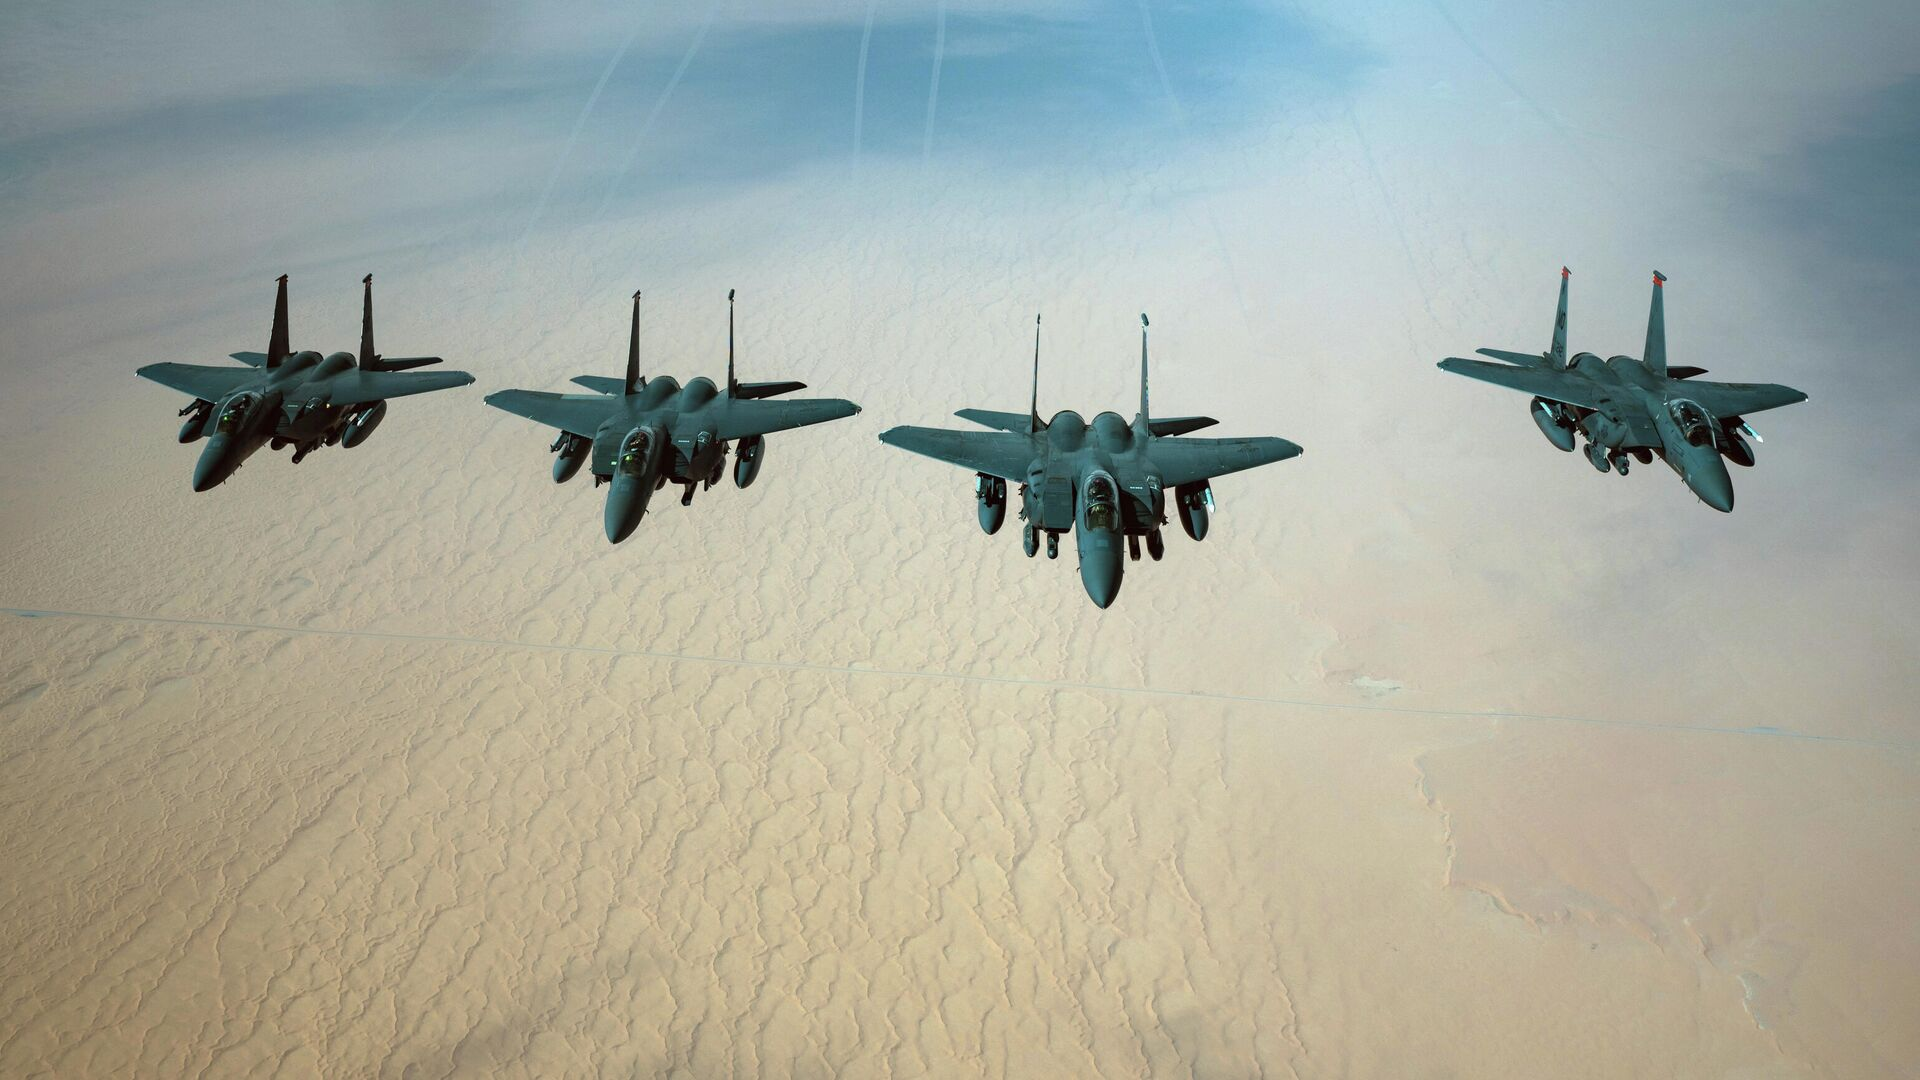 Истребители ВВС США F-15E Strike Eagle - РИА Новости, 1920, 22.04.2021